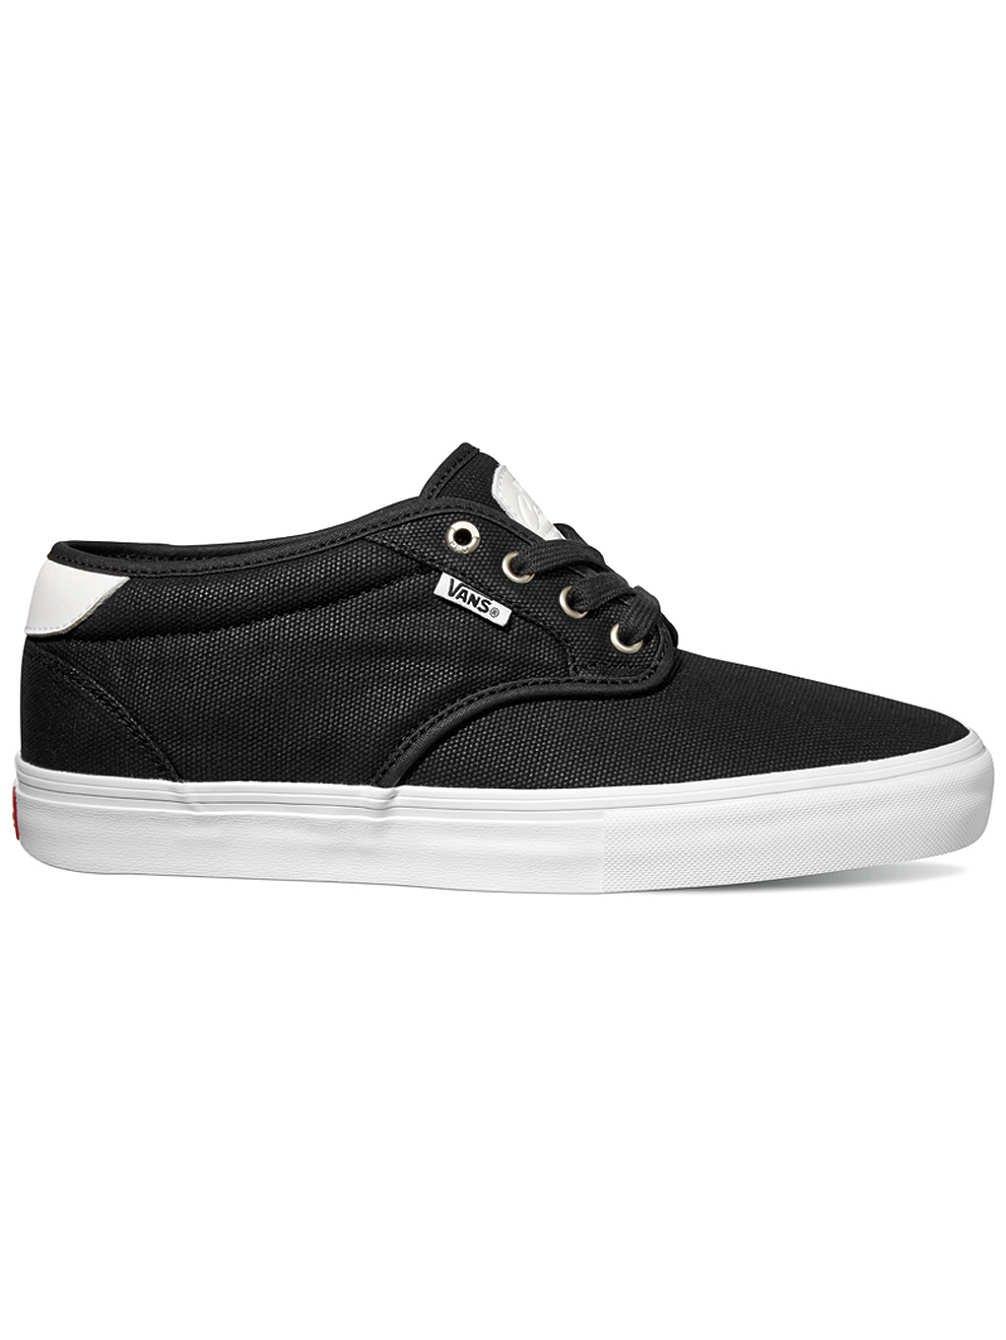 Vans Chima Estate Pro Shoes 11 D(M) US|Waxed Canvas Black White